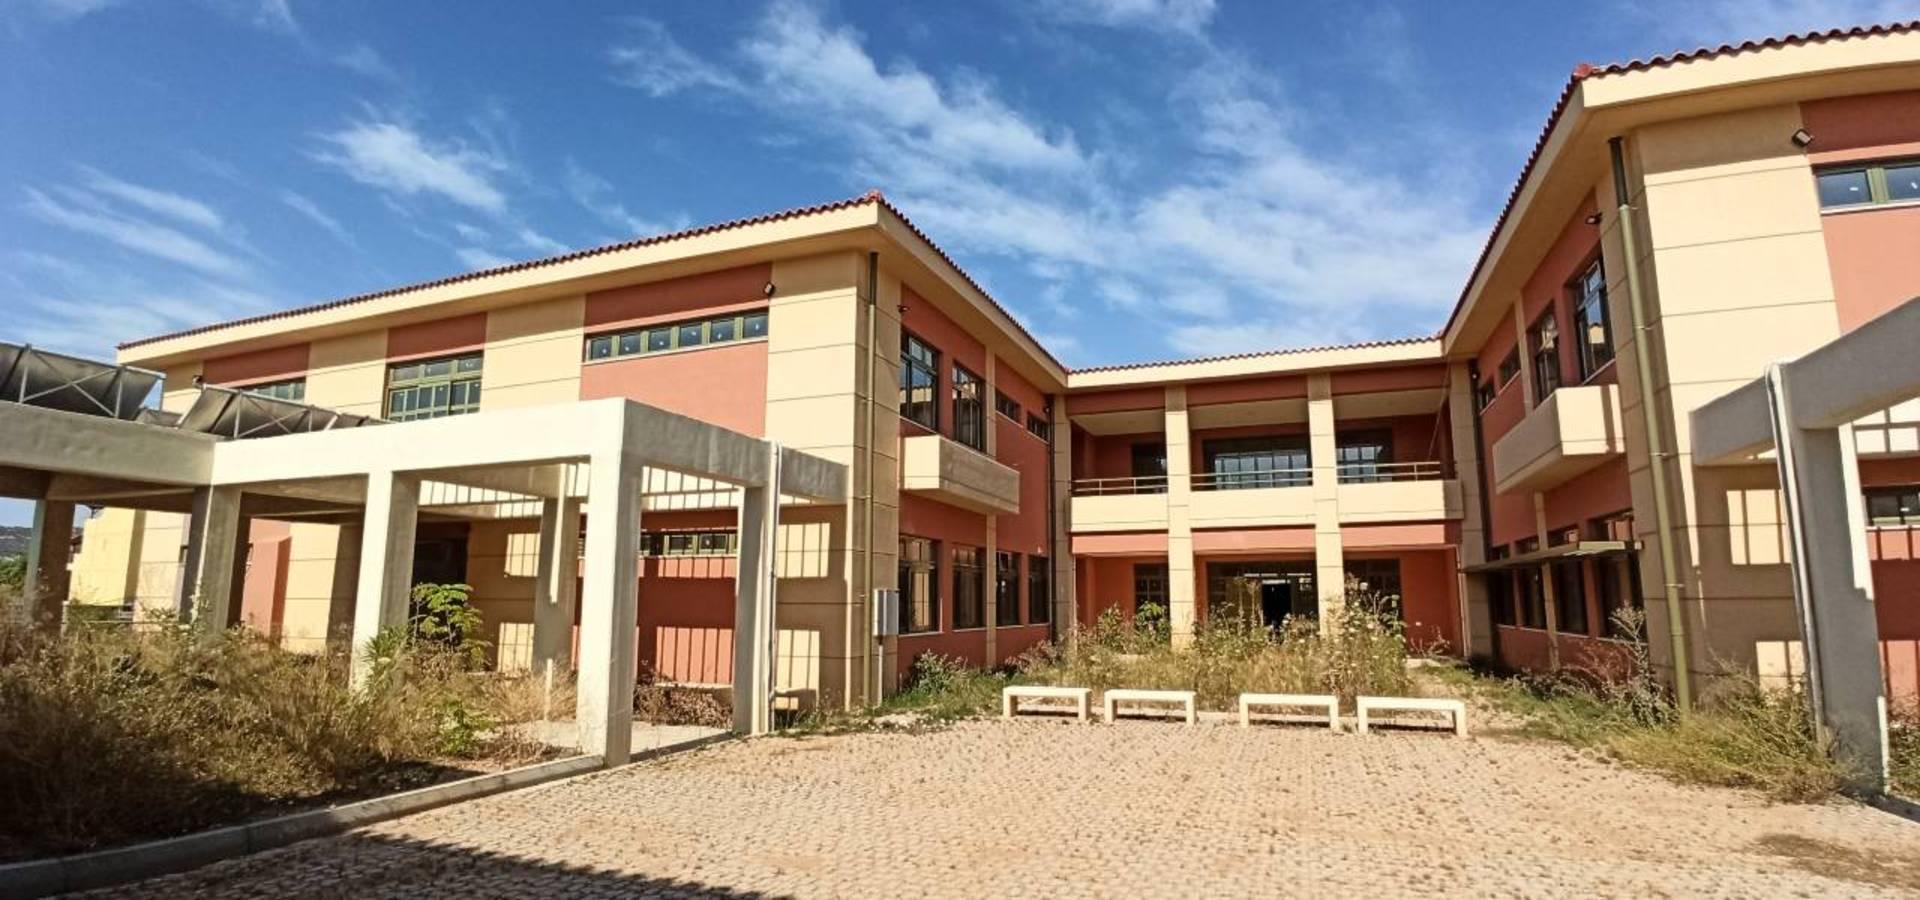 Ειδικό Γυμνάσιο Άνω Λιοσίων